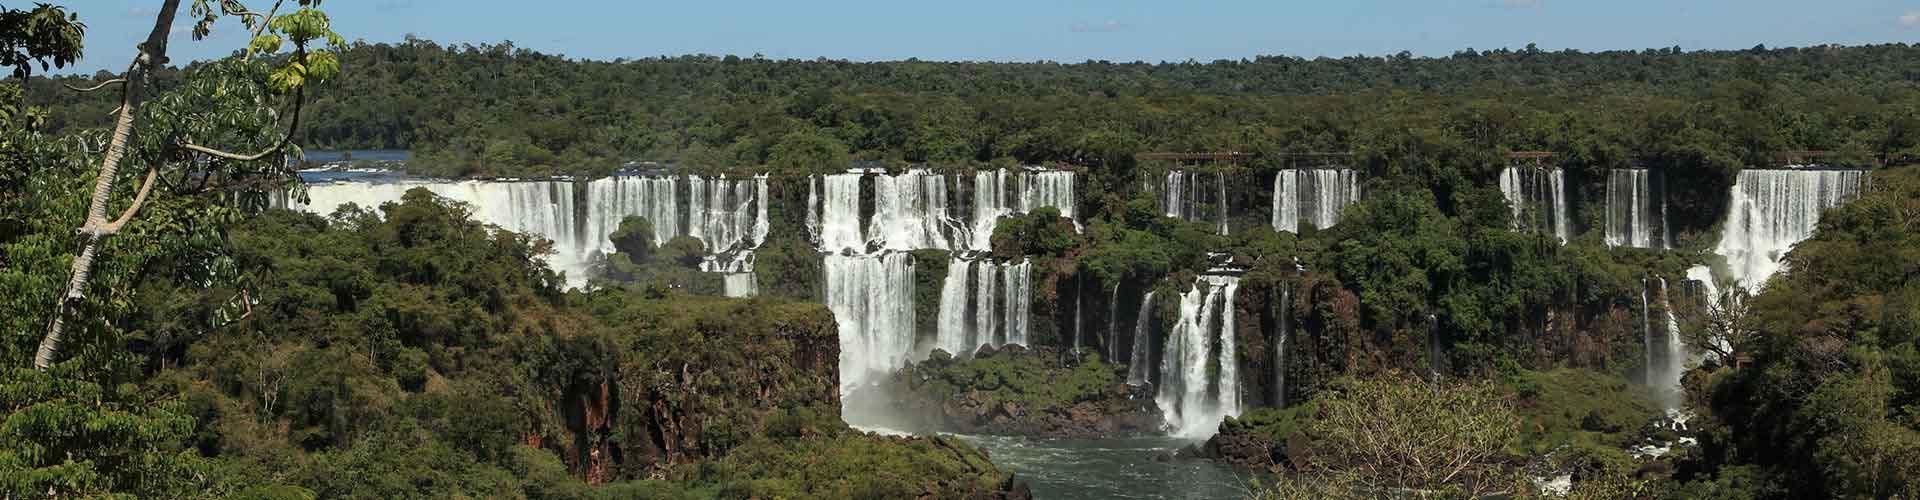 Puerto Iguazú - Habitaciones en Puerto Iguazú. Mapas de Puerto Iguazú, Fotos y comentarios de cada Habitación en Puerto Iguazú.